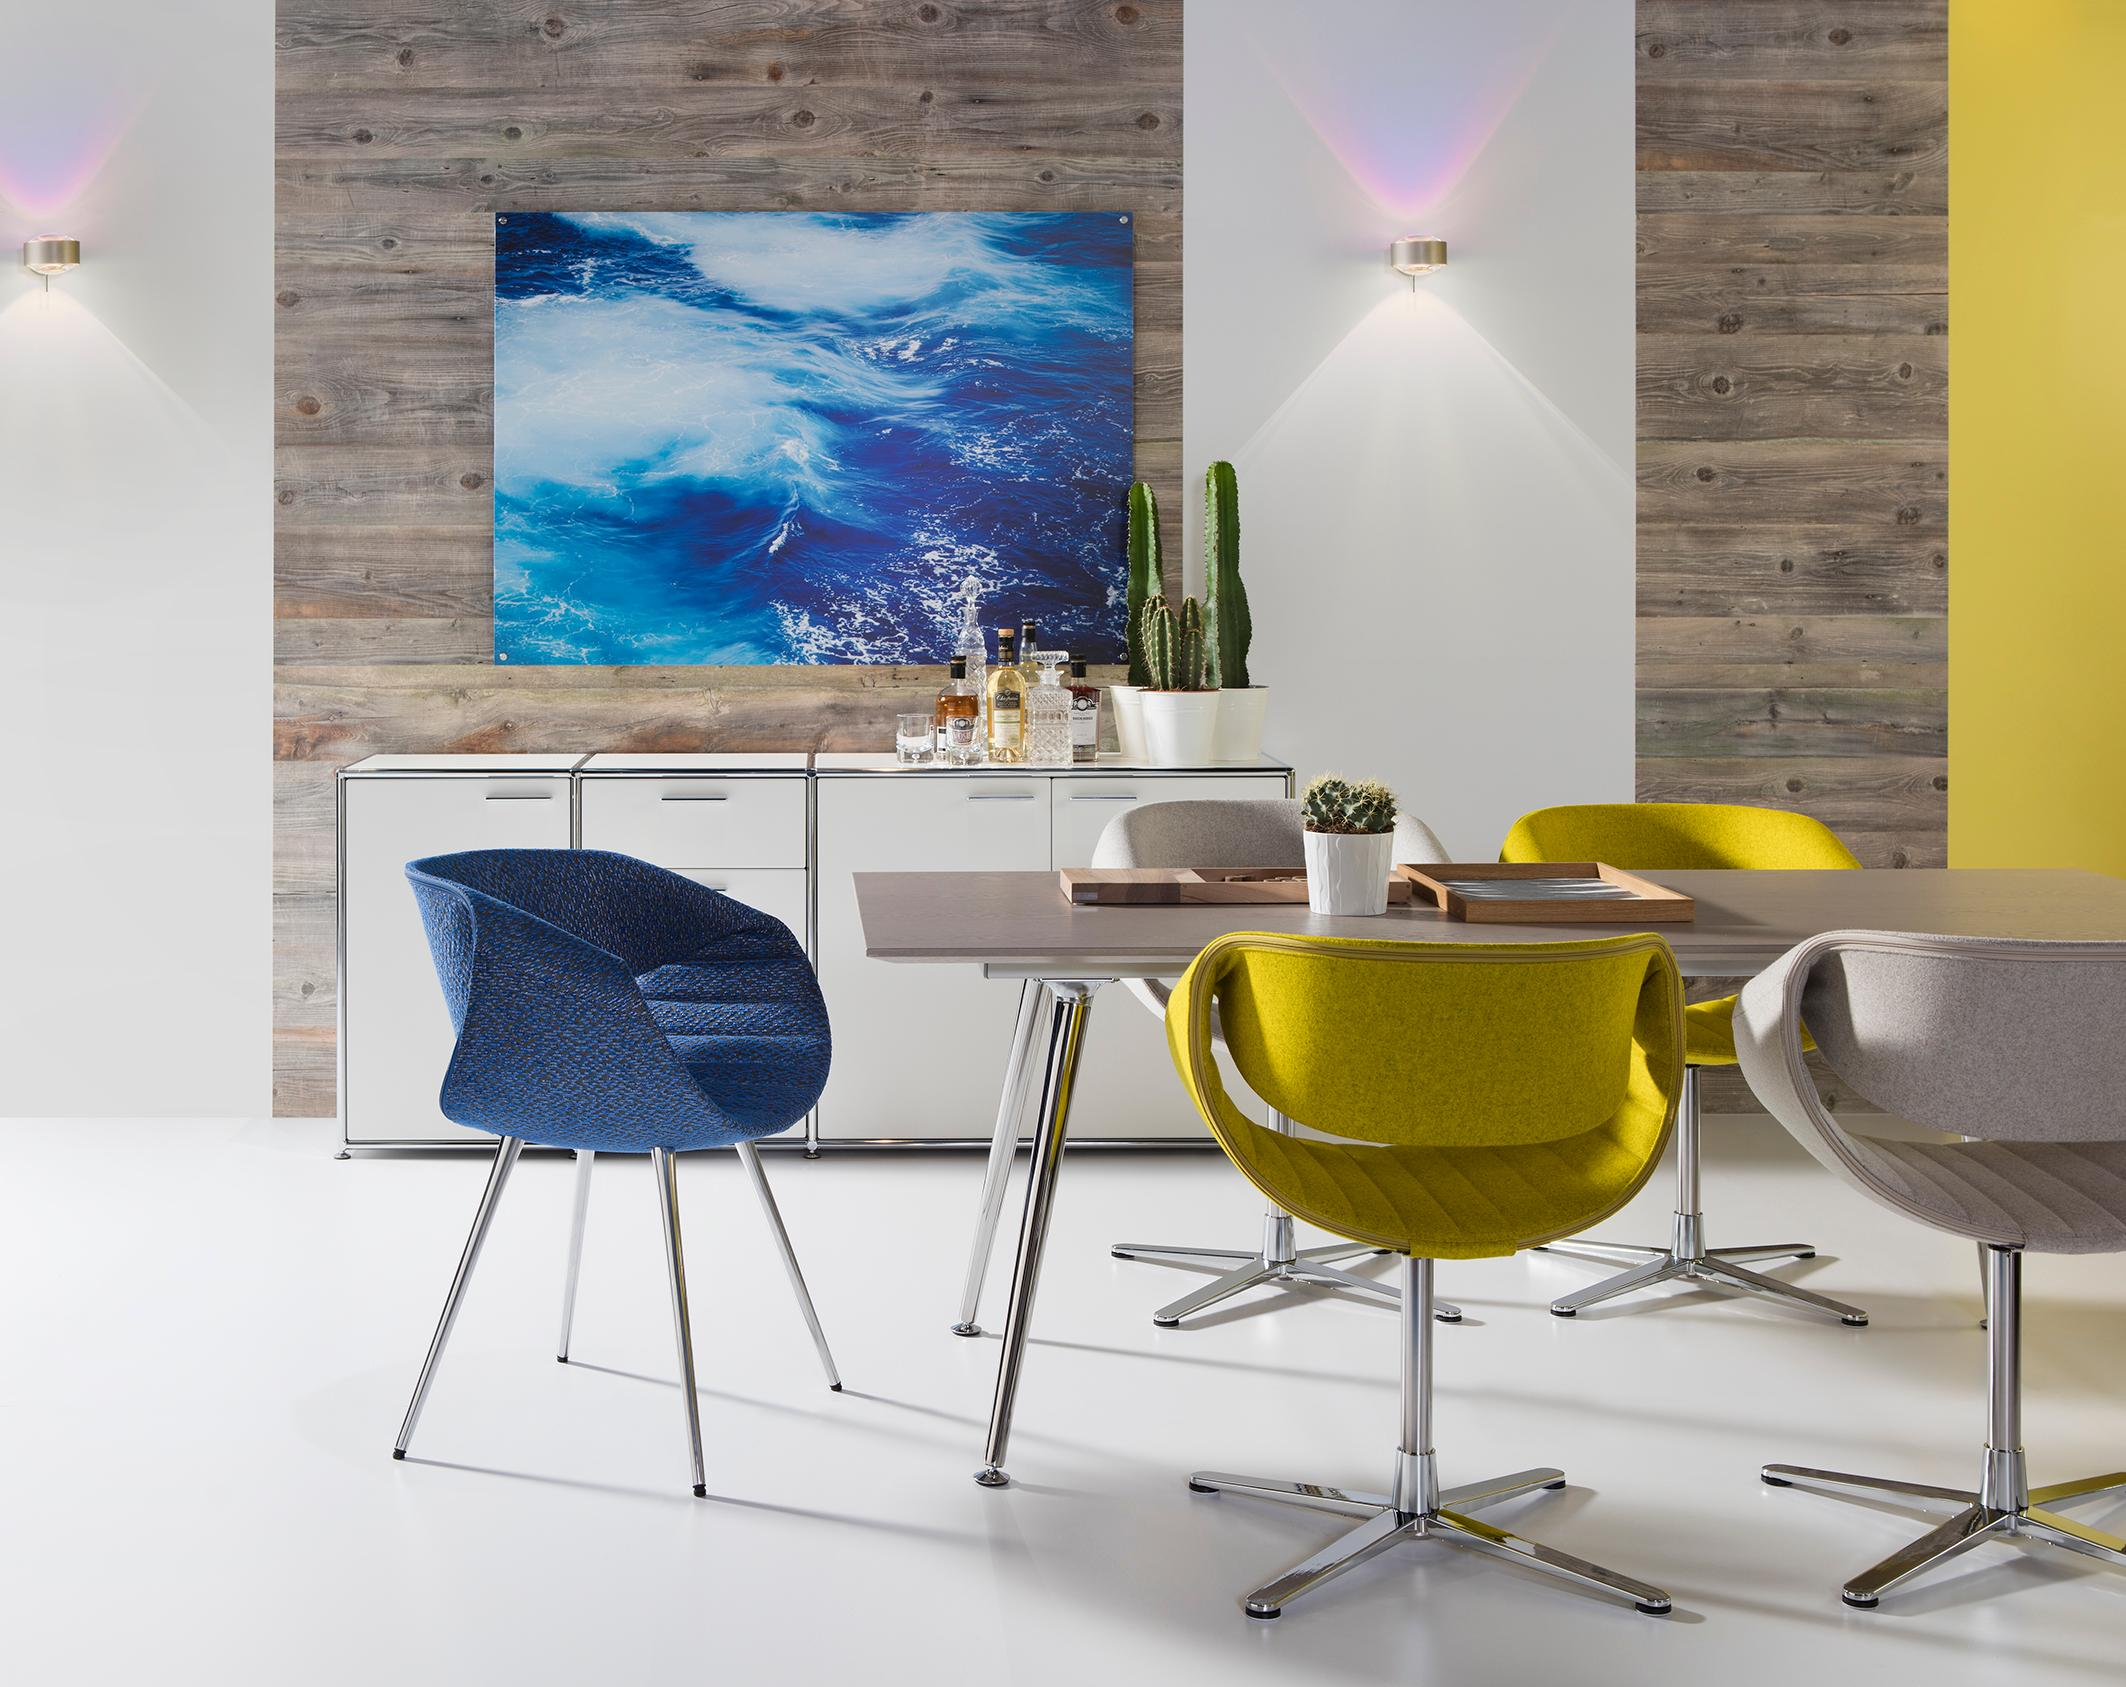 farbenfrohe drehsthle frs esszimmer weierstuhl sitzgelegenheit zimmergestaltung dauphin home designer - Esszimmer Mit Sitzgelegenheiten